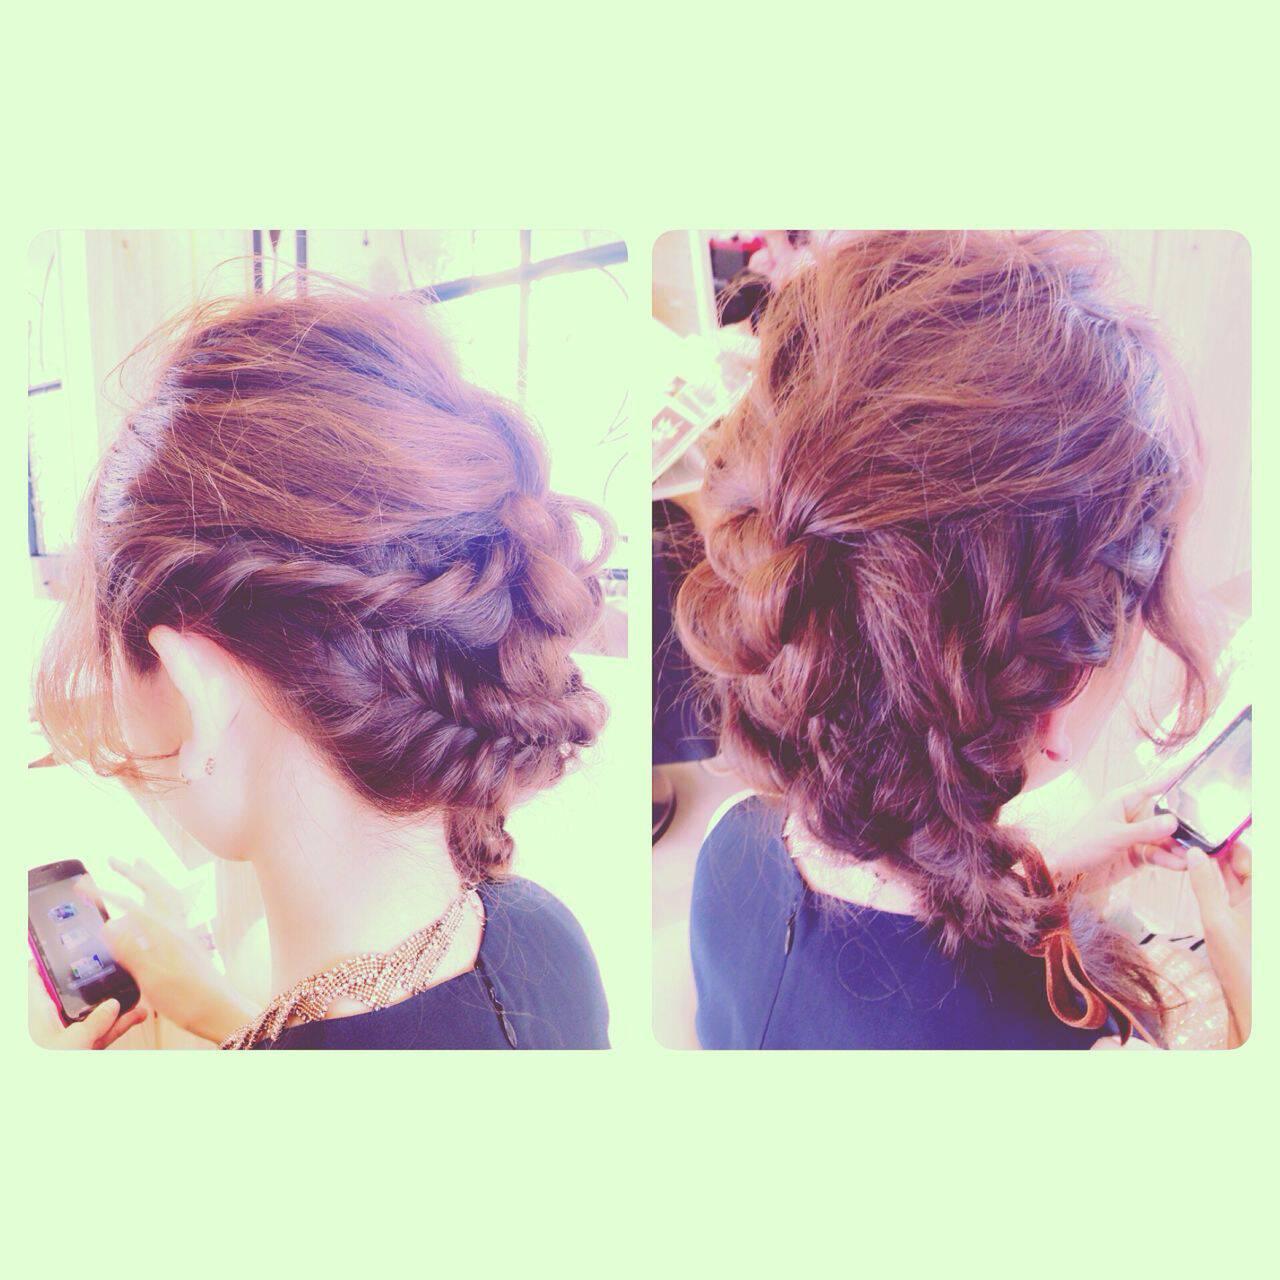 モテ髪 ヘアアレンジ コンサバ パーティヘアスタイルや髪型の写真・画像